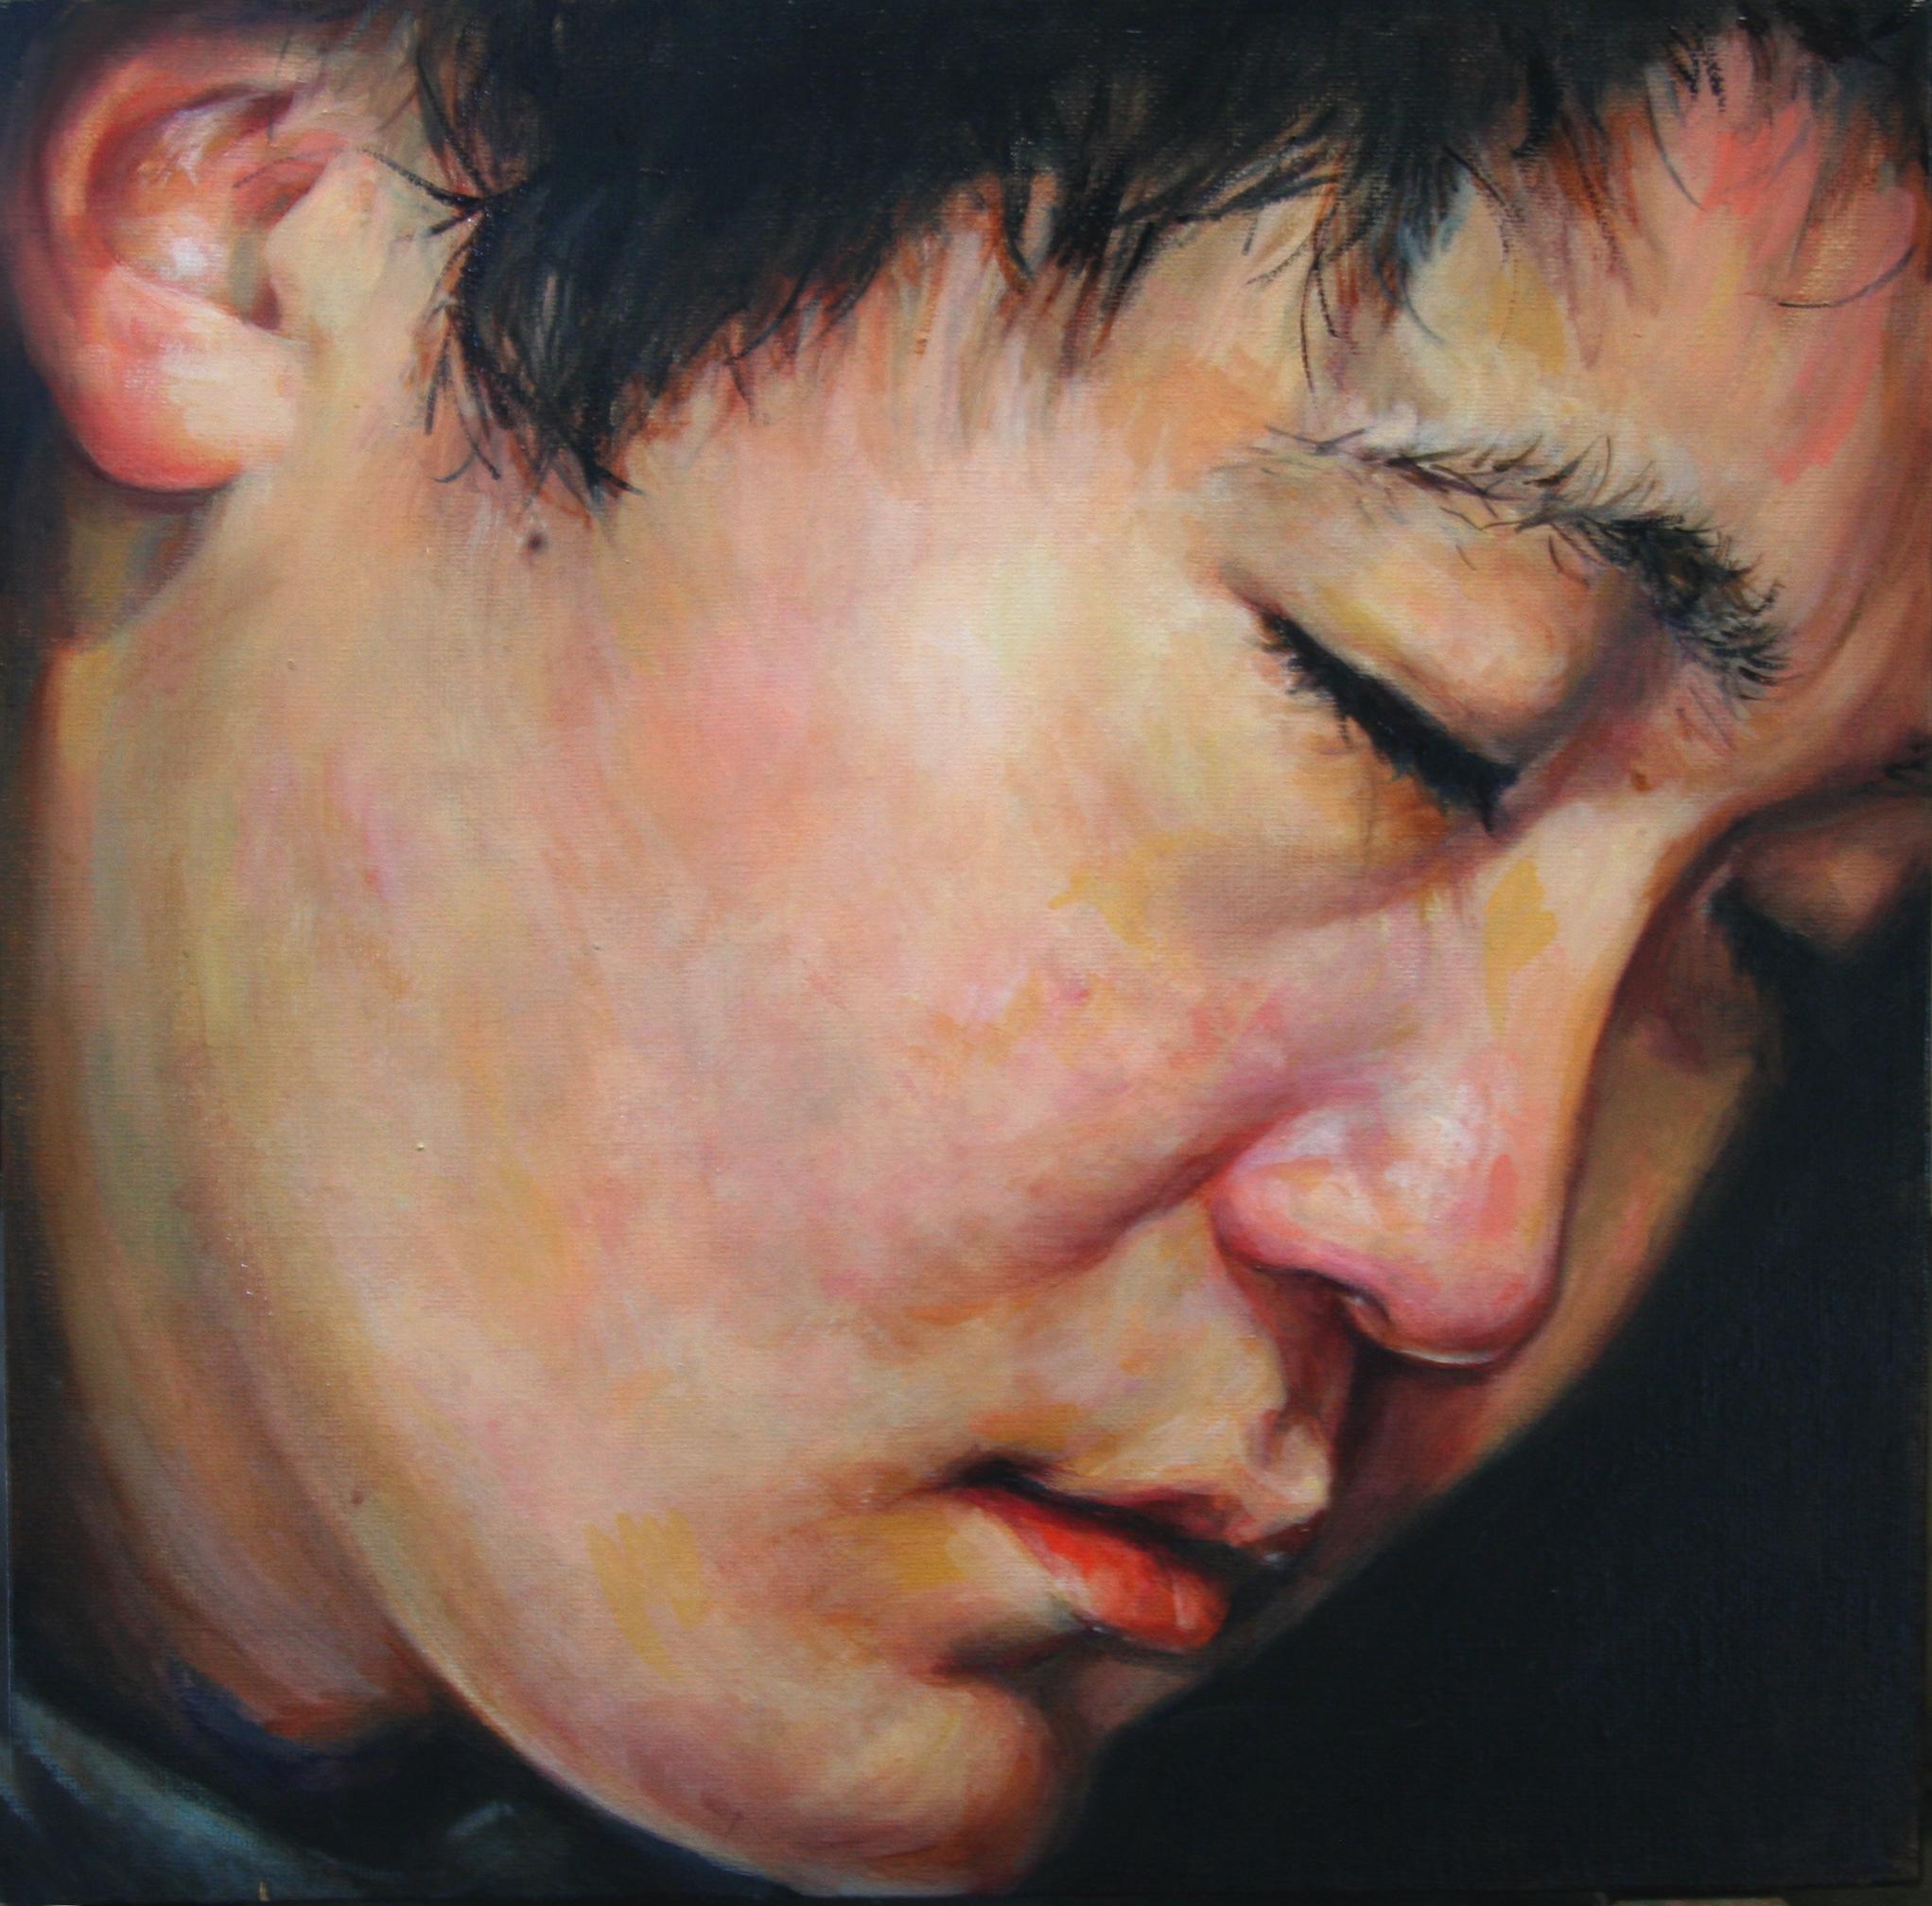 Jonathanyoung